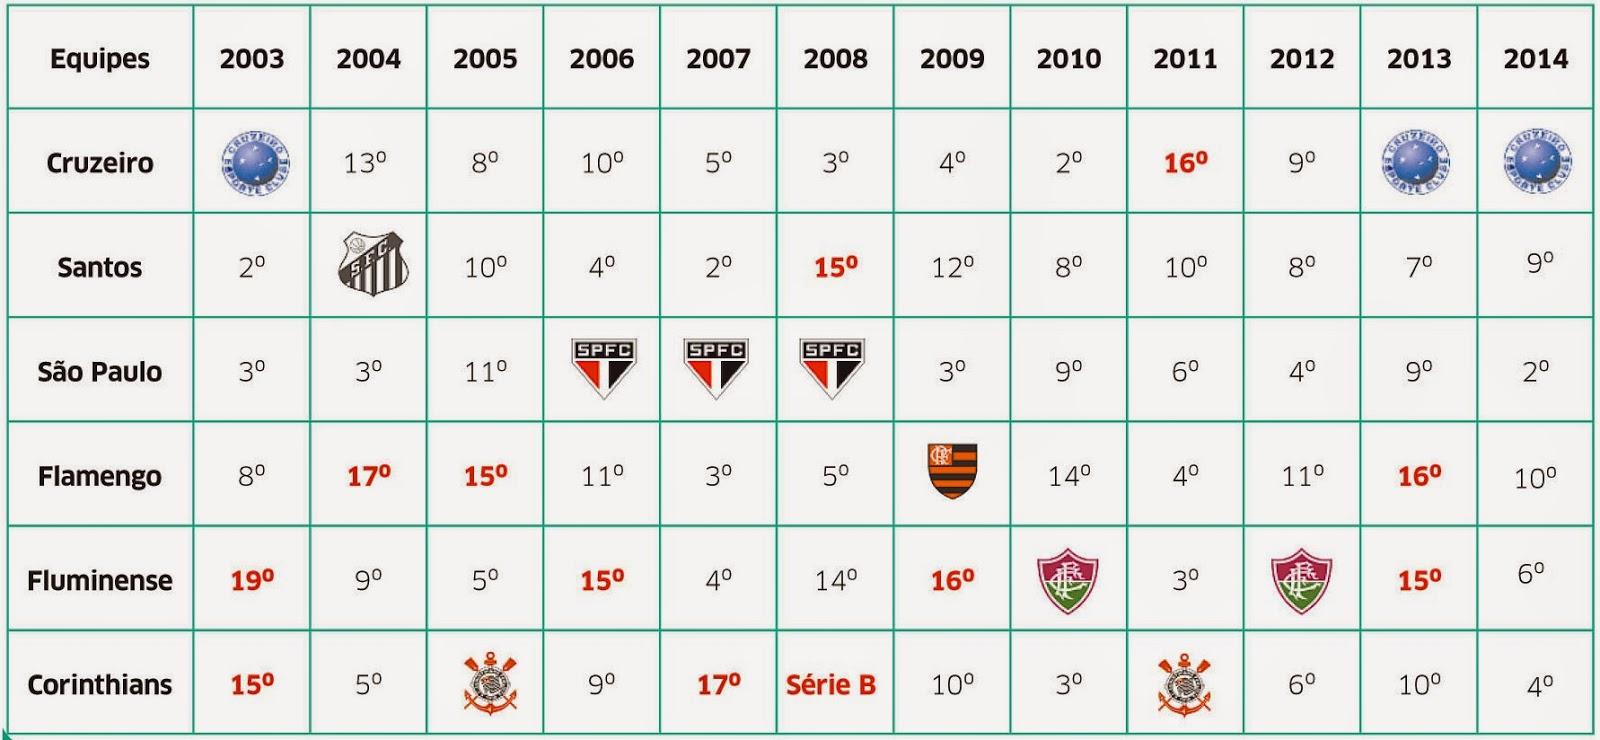 loterias nacional 22 12 2006: